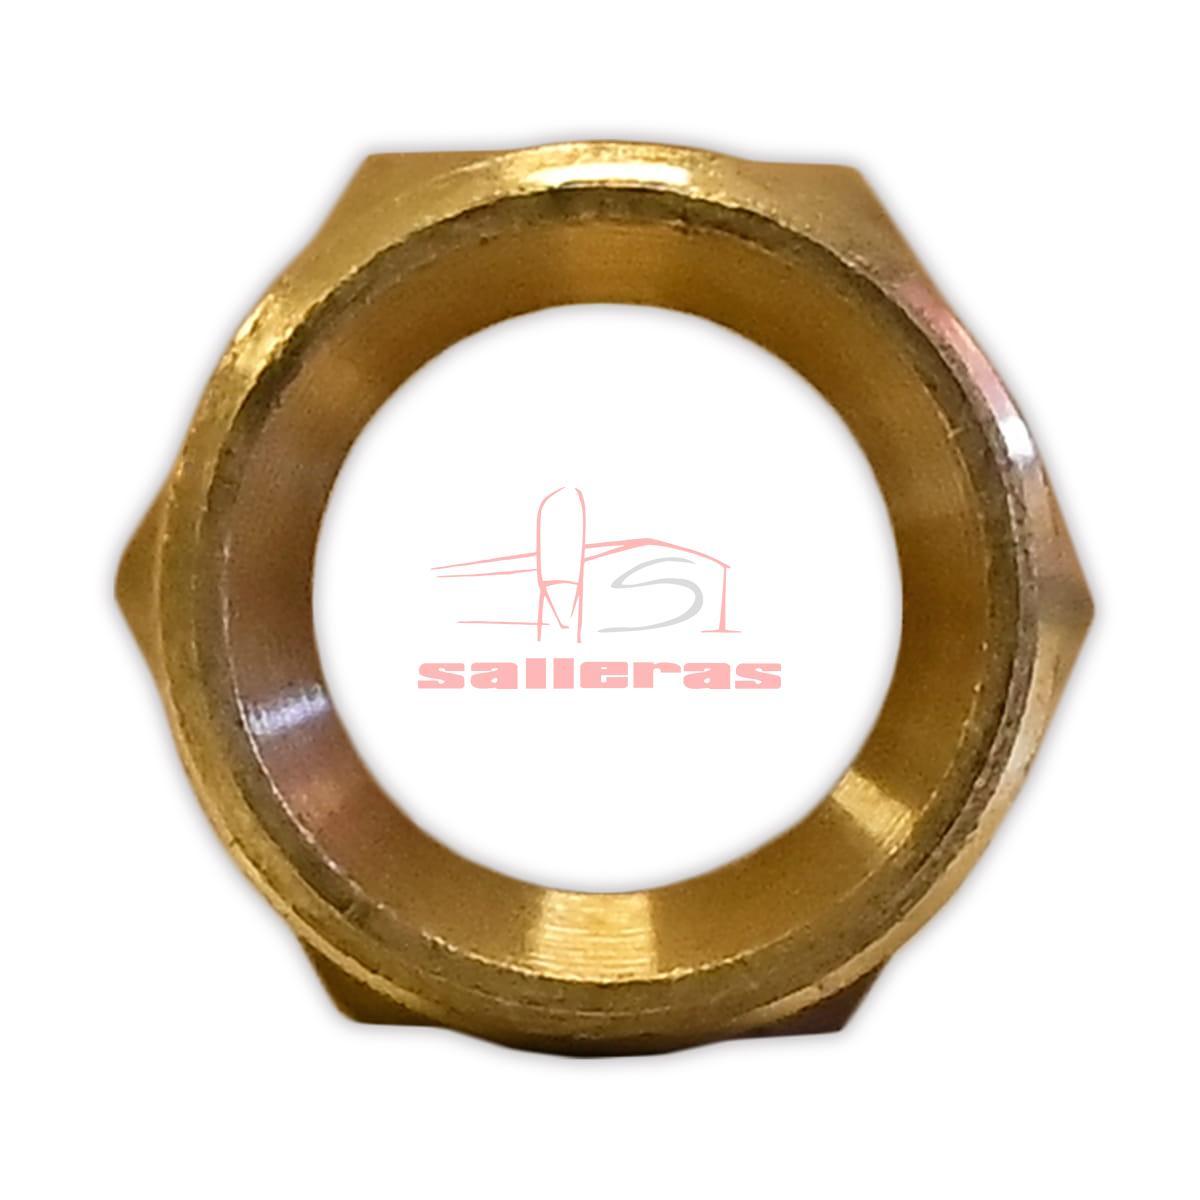 Componente parte a h de tamaño tres octavos reves